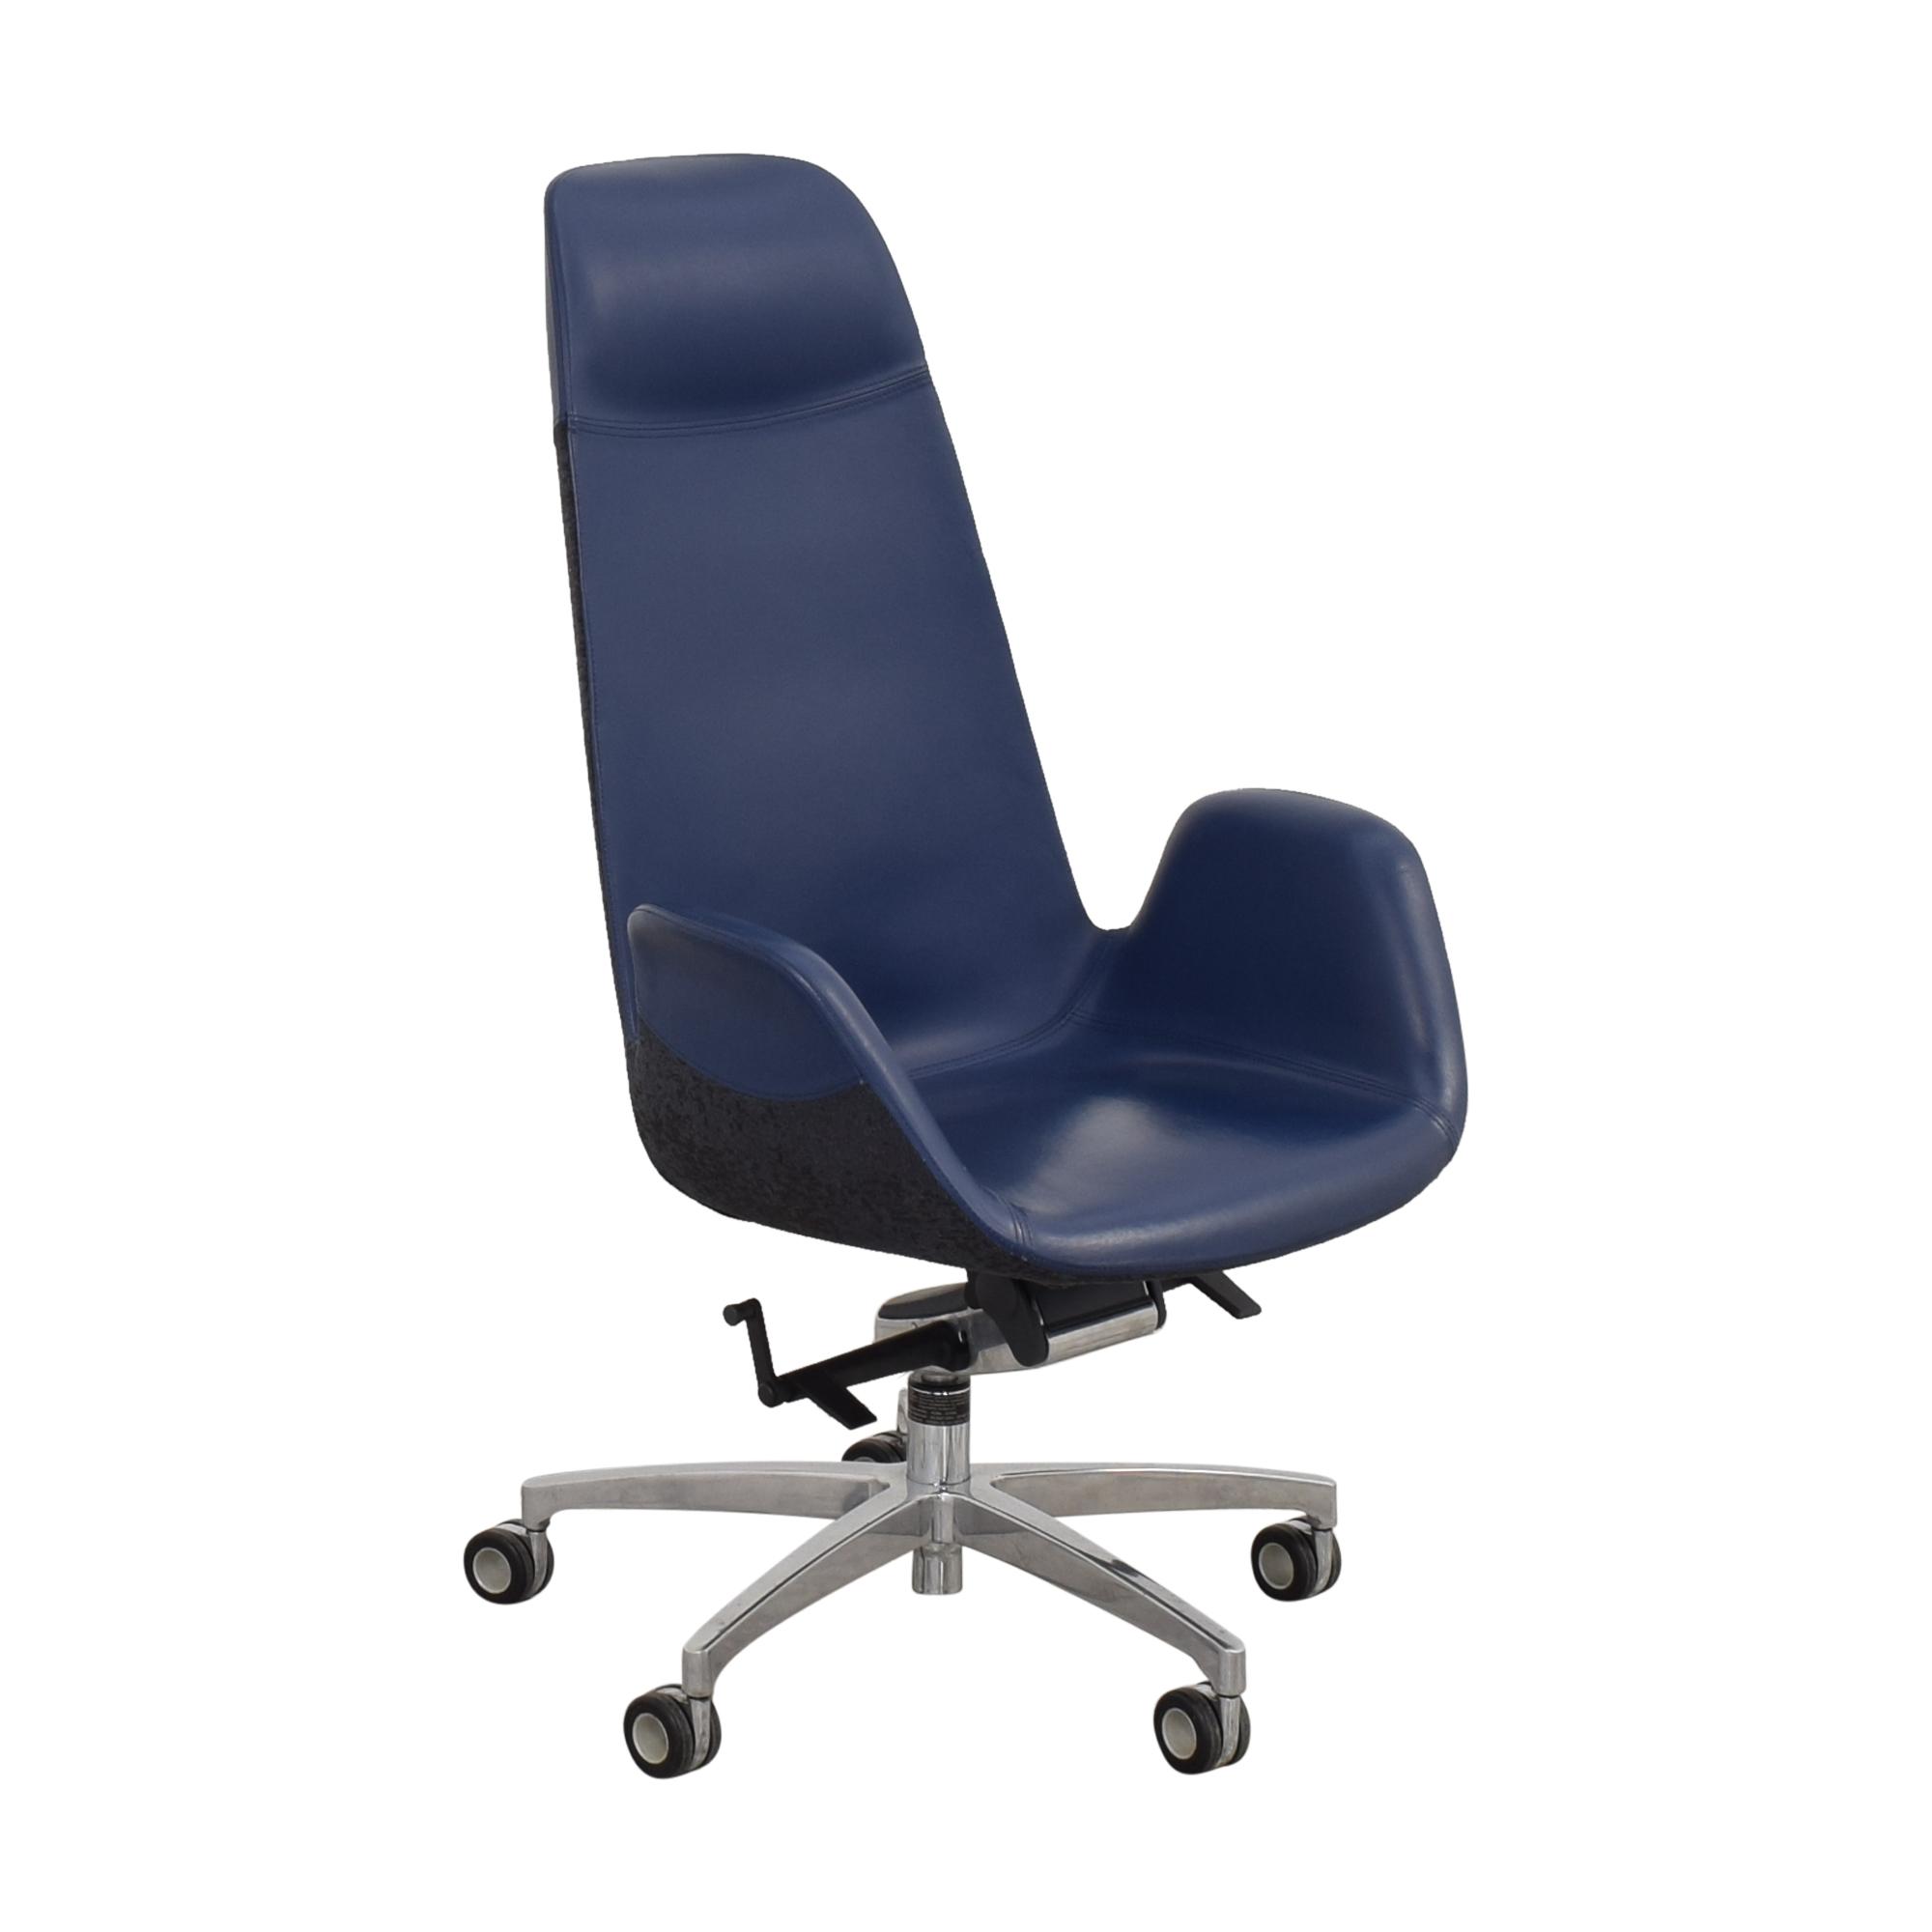 Koleksiyon Koleksiyon Halia High Back Office Chair on sale